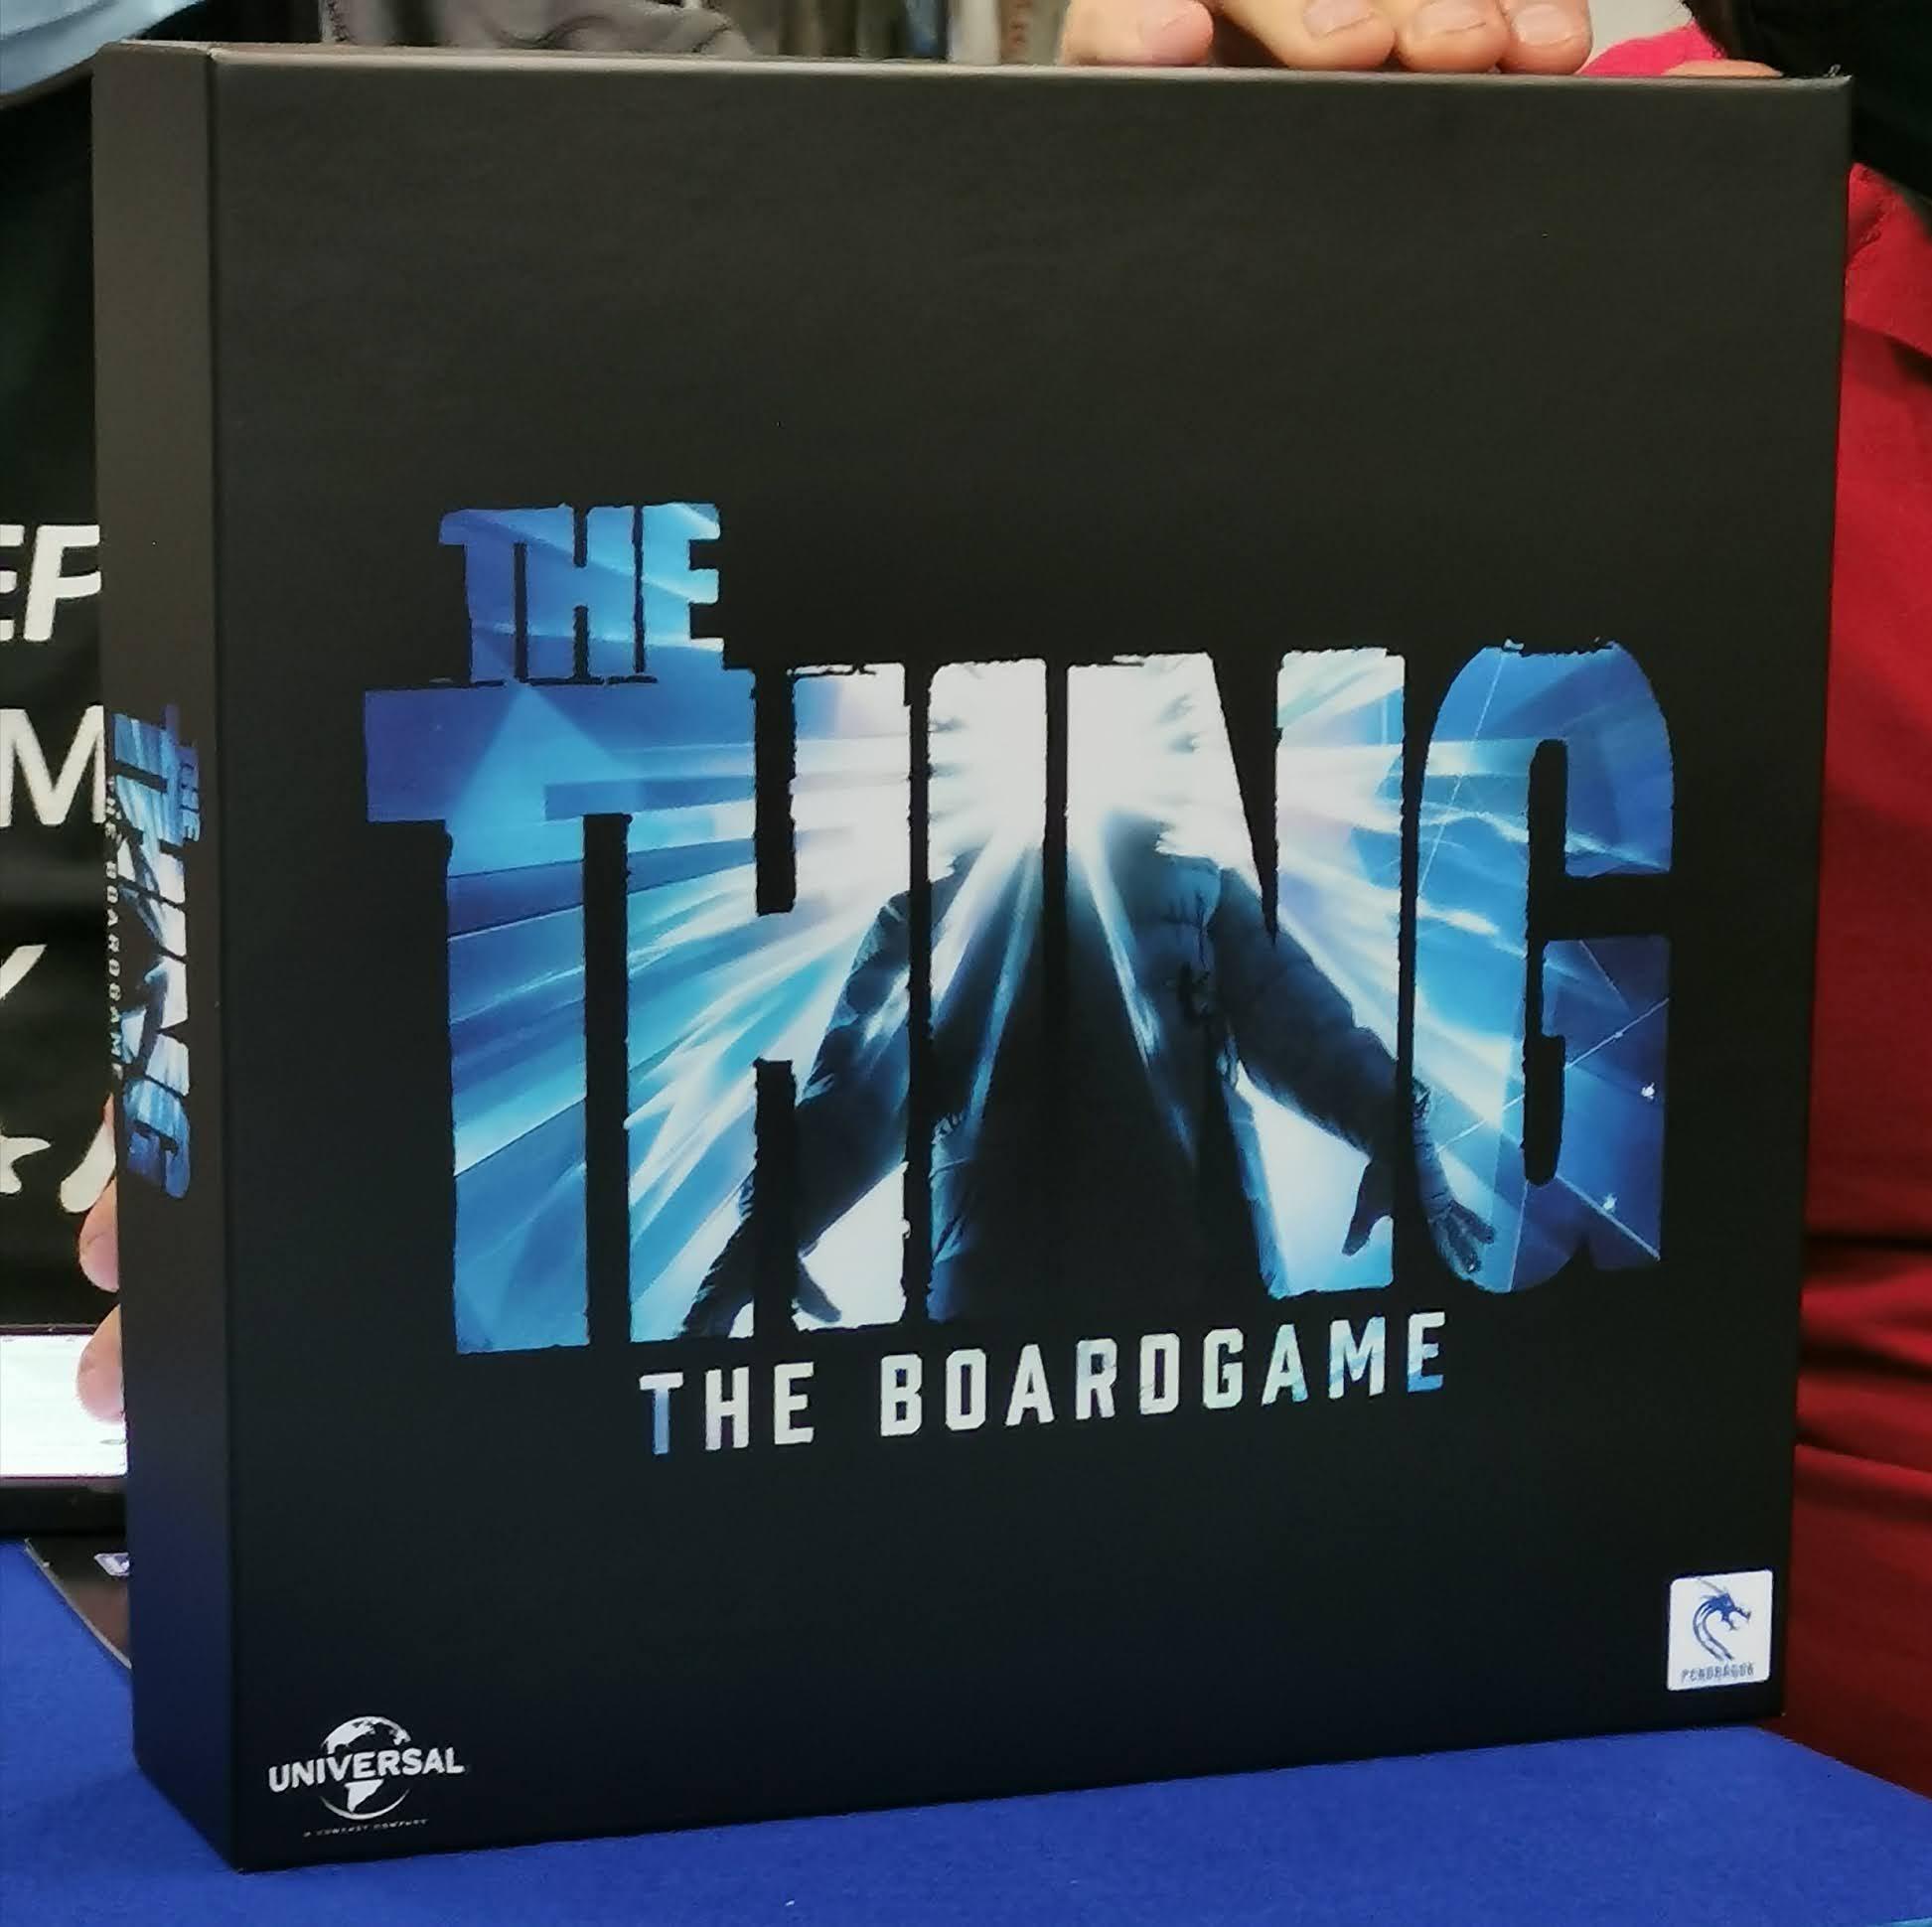 Scatola Non Definitiva di The Thing - The Boardgame